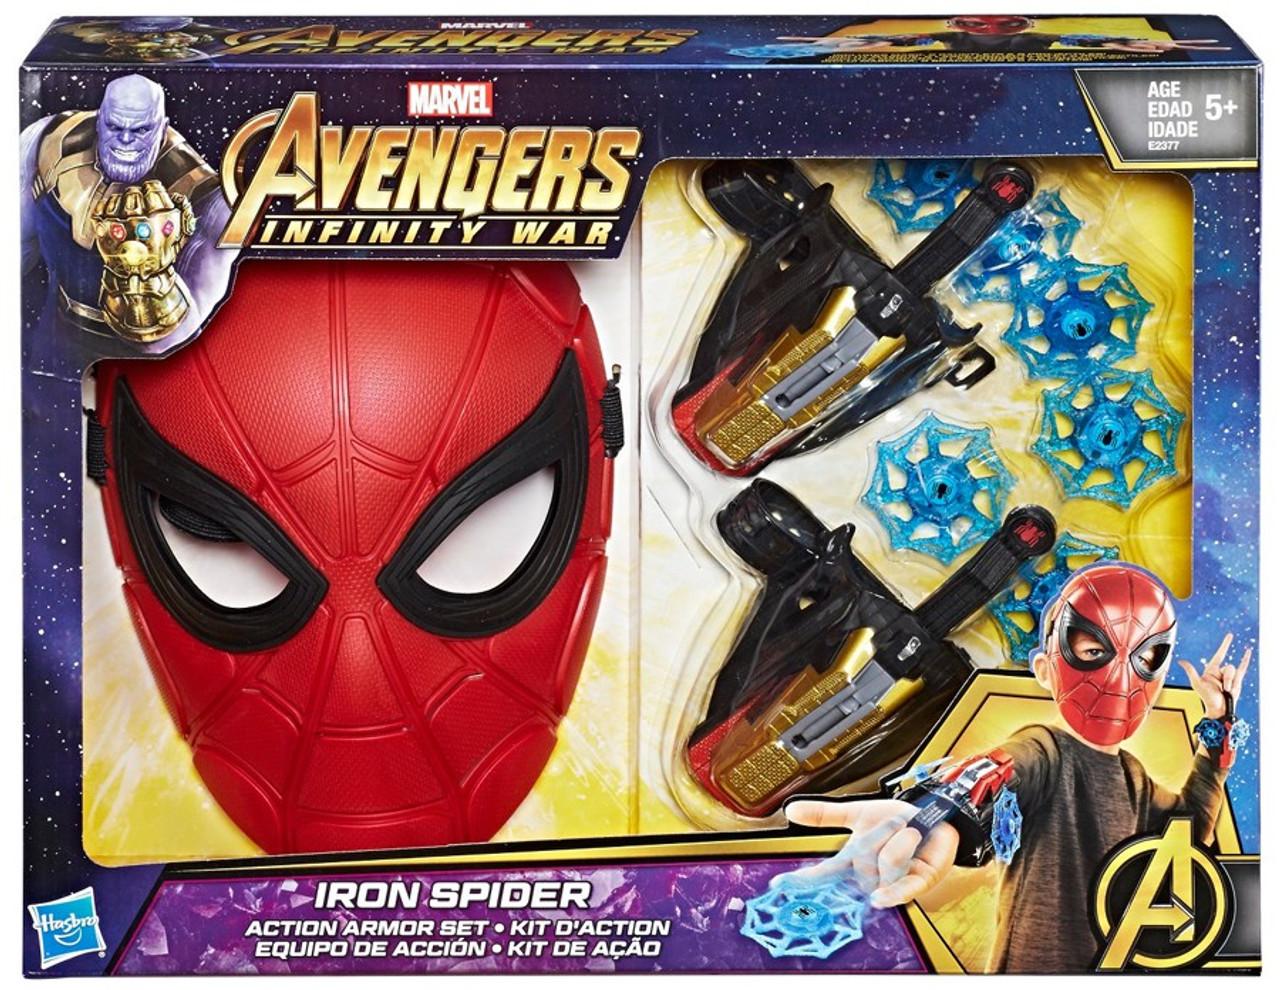 AVENGERS infinity war TOY-Assembler Gear Spider-Man Web Shooter